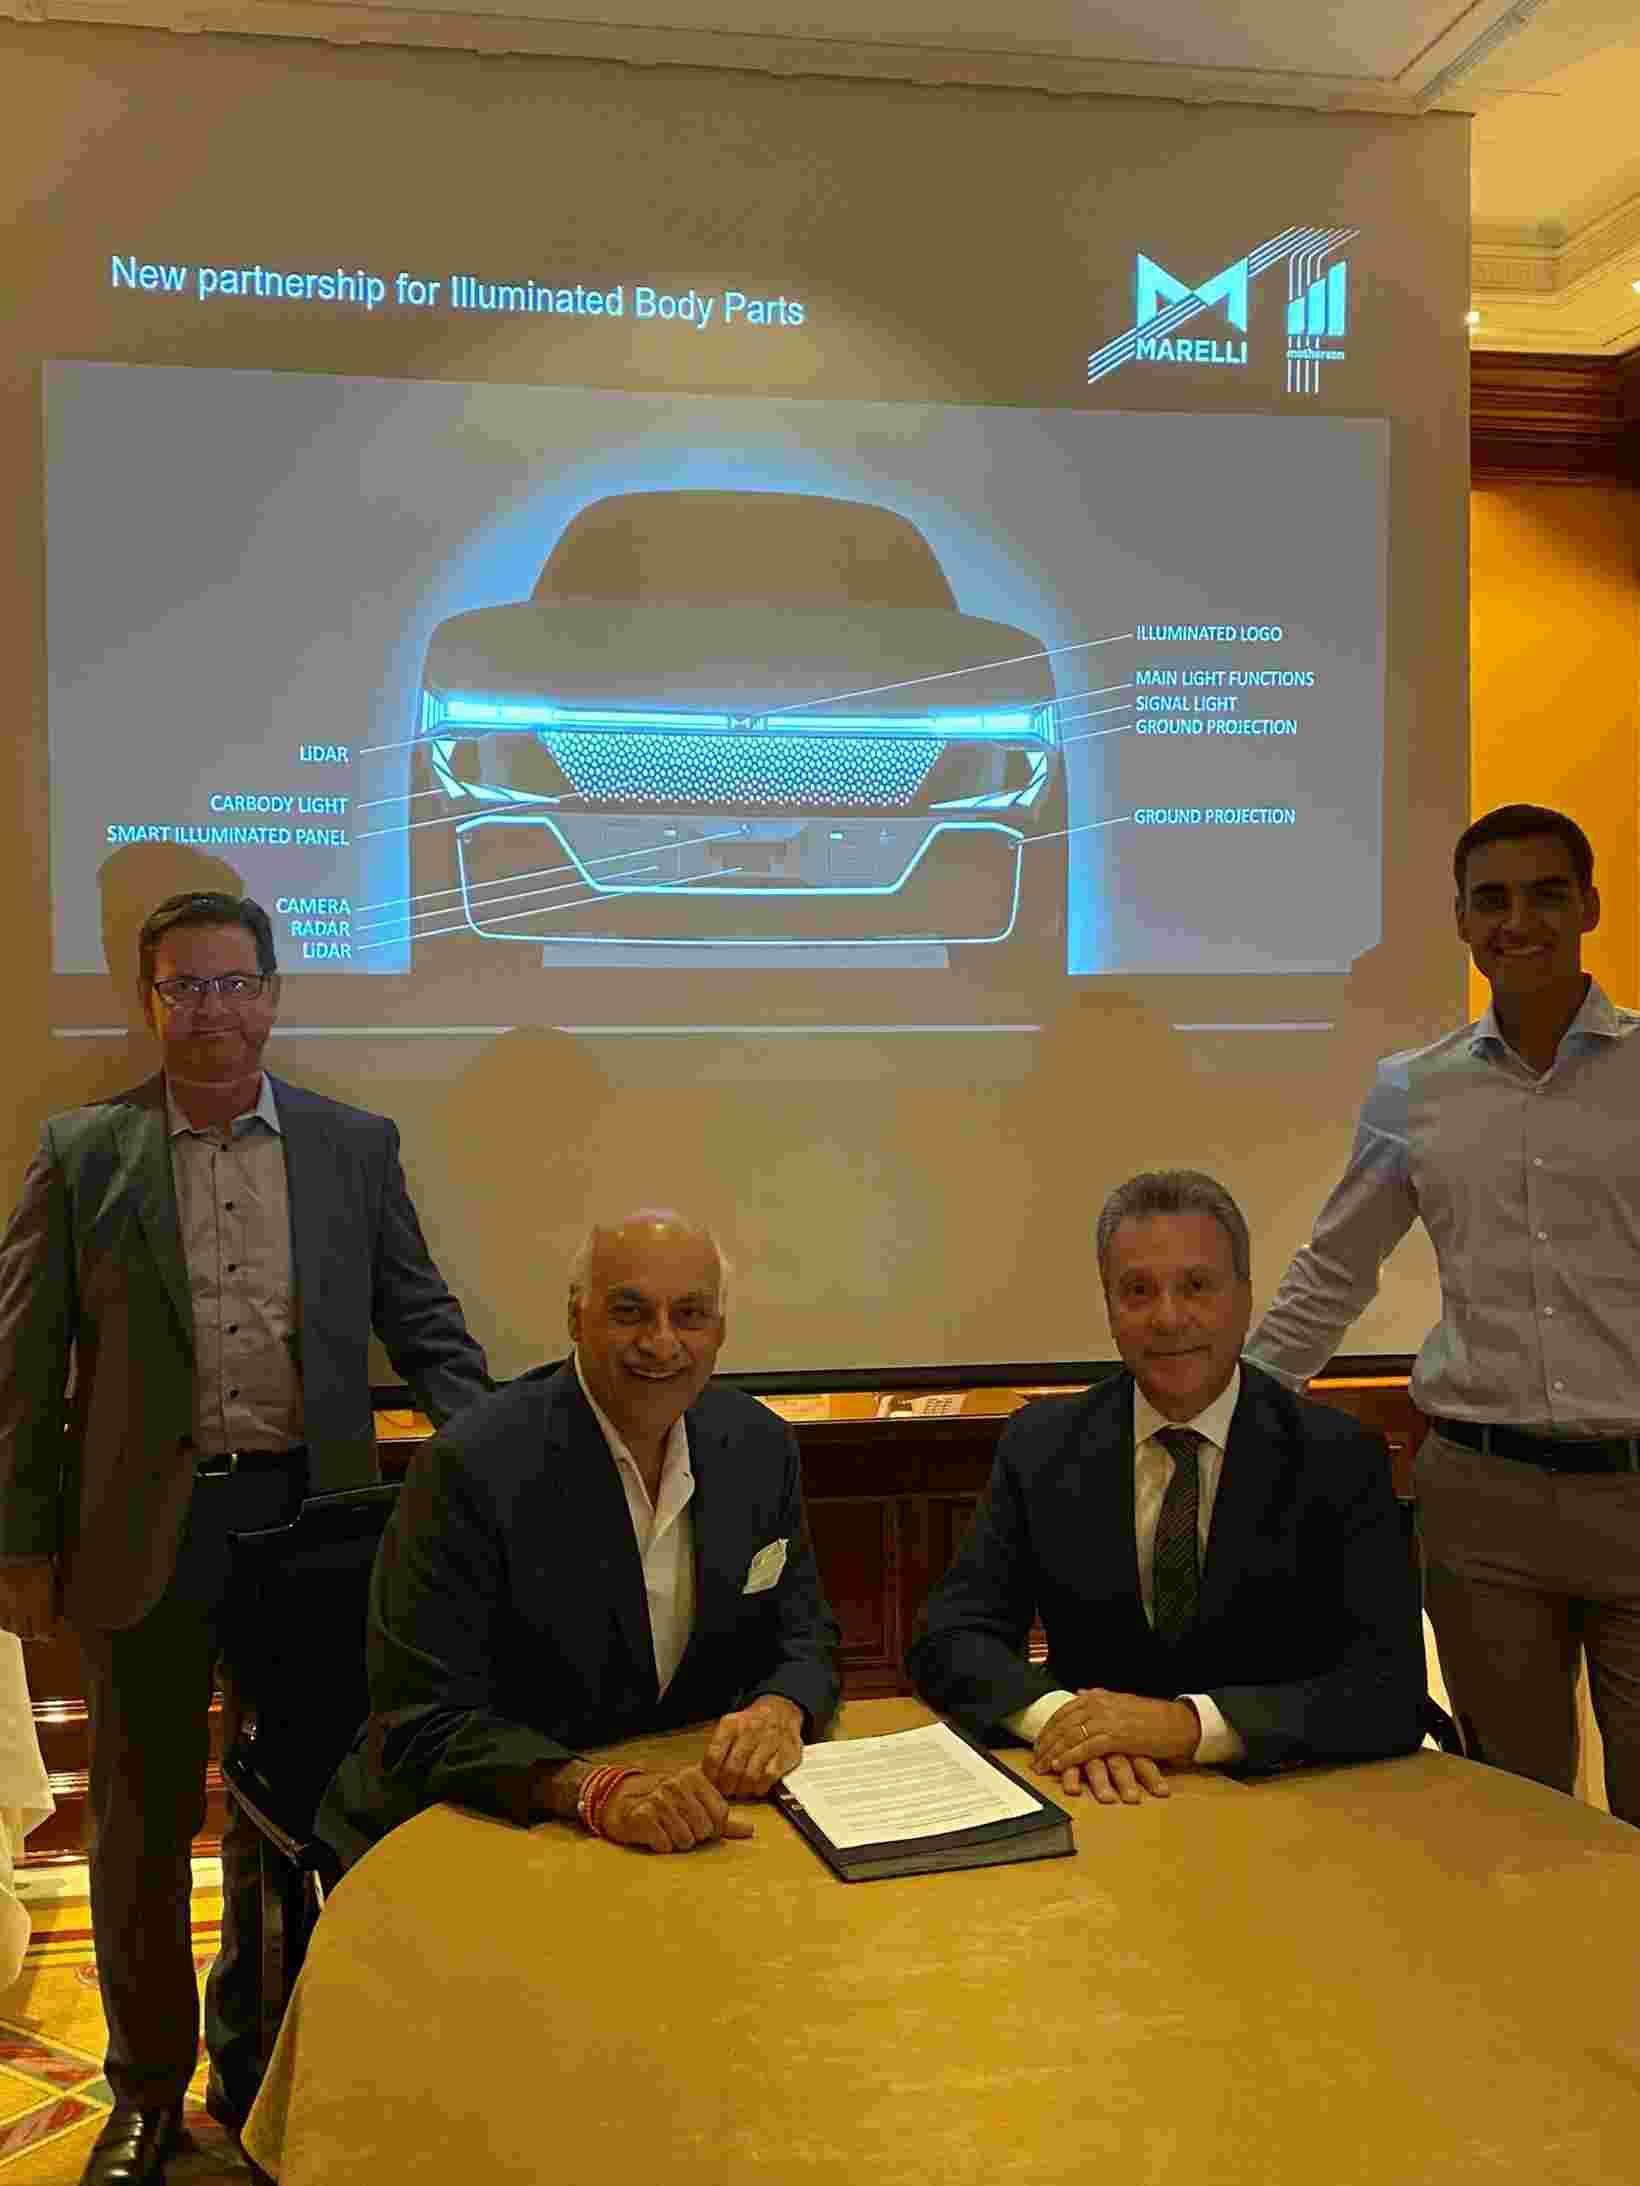 马瑞利与SMRP BV合作 打造汽车智能照明外饰零部件